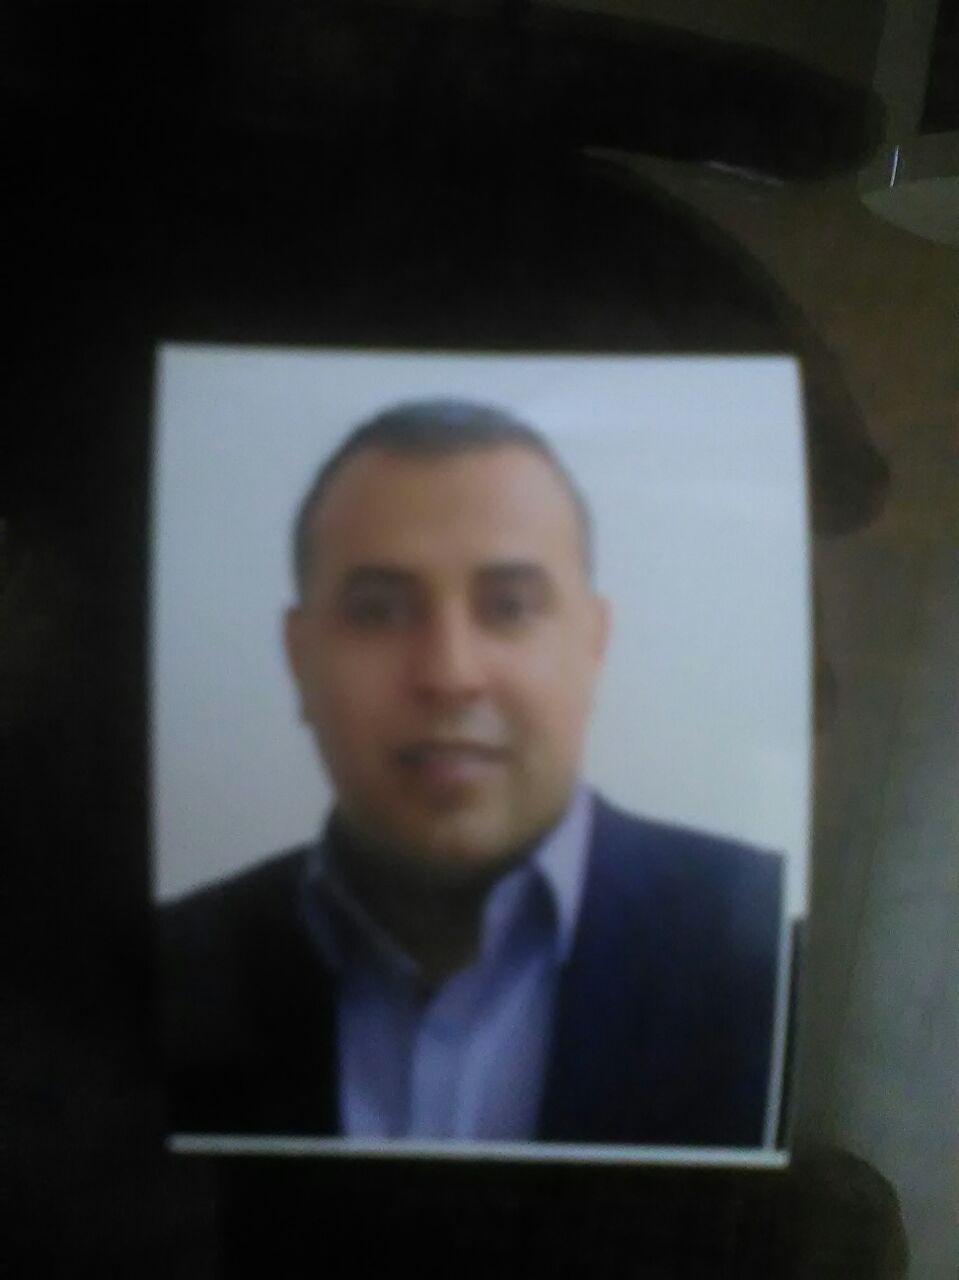 الطلافيح مدير للعلاقات الدوليه والاعلام في منظمه النجمه الامريكيه في عمان